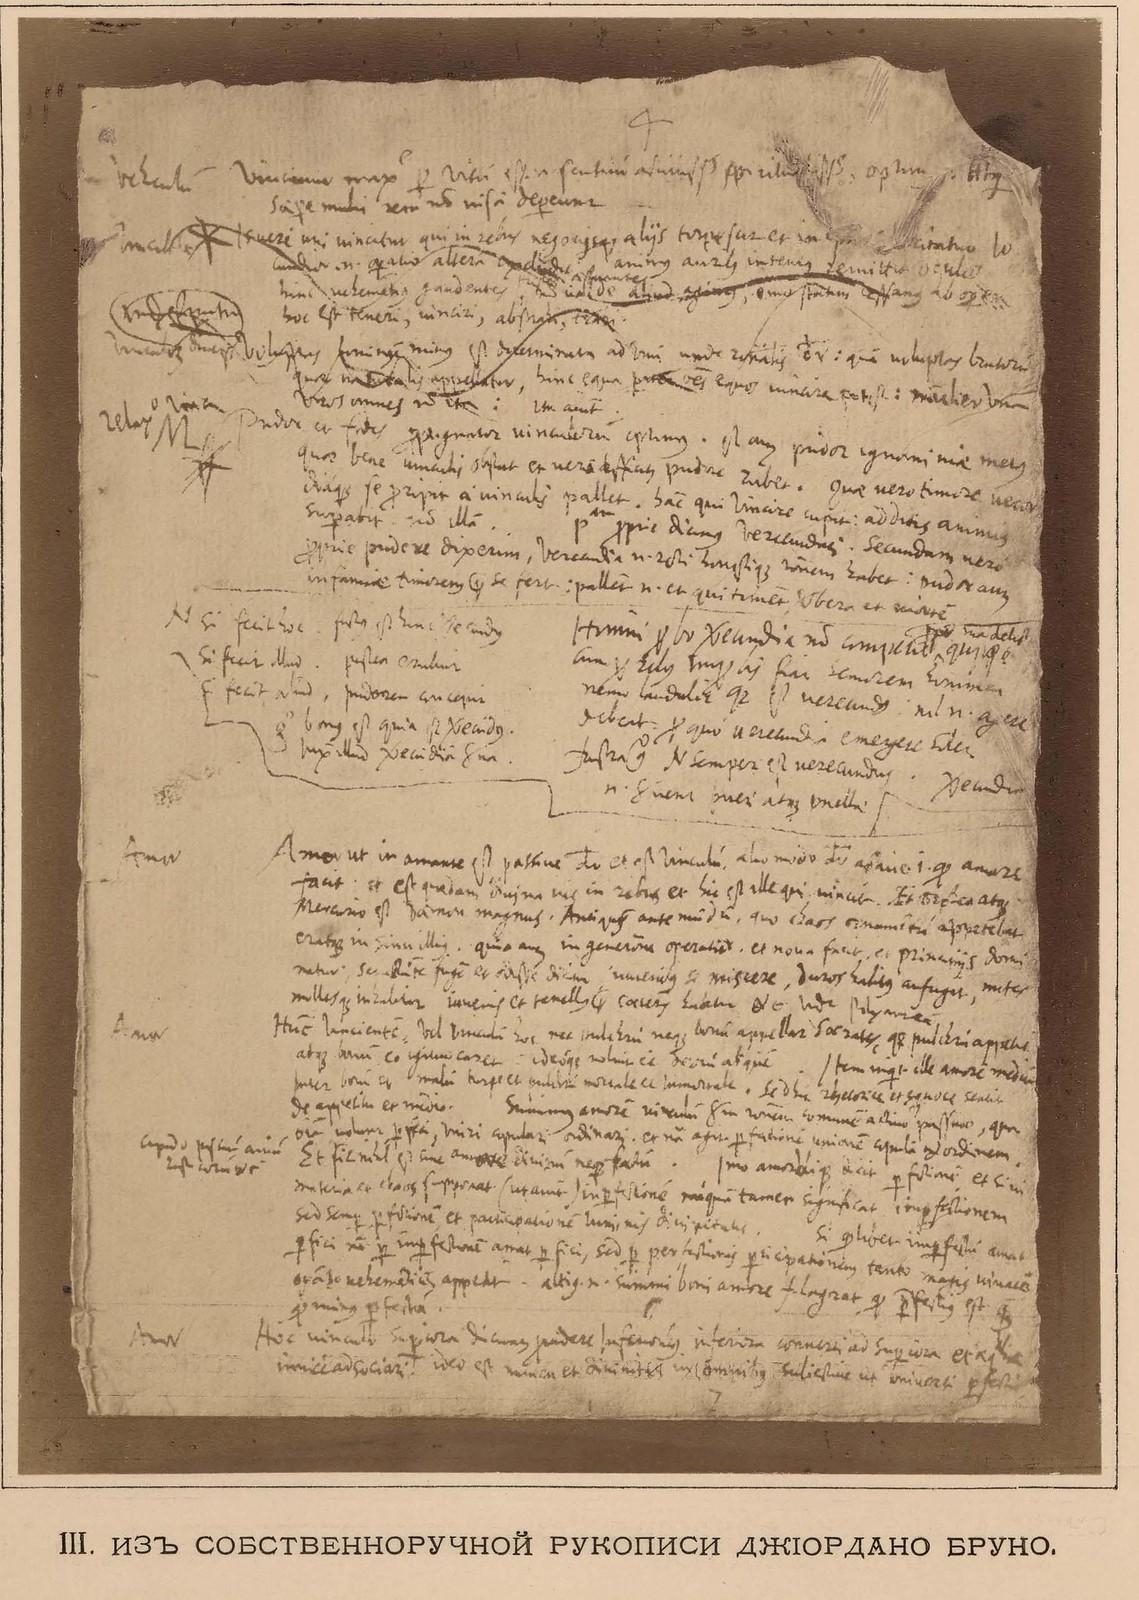 14. III. Из собственноручной рукописи Джорждано Бруно